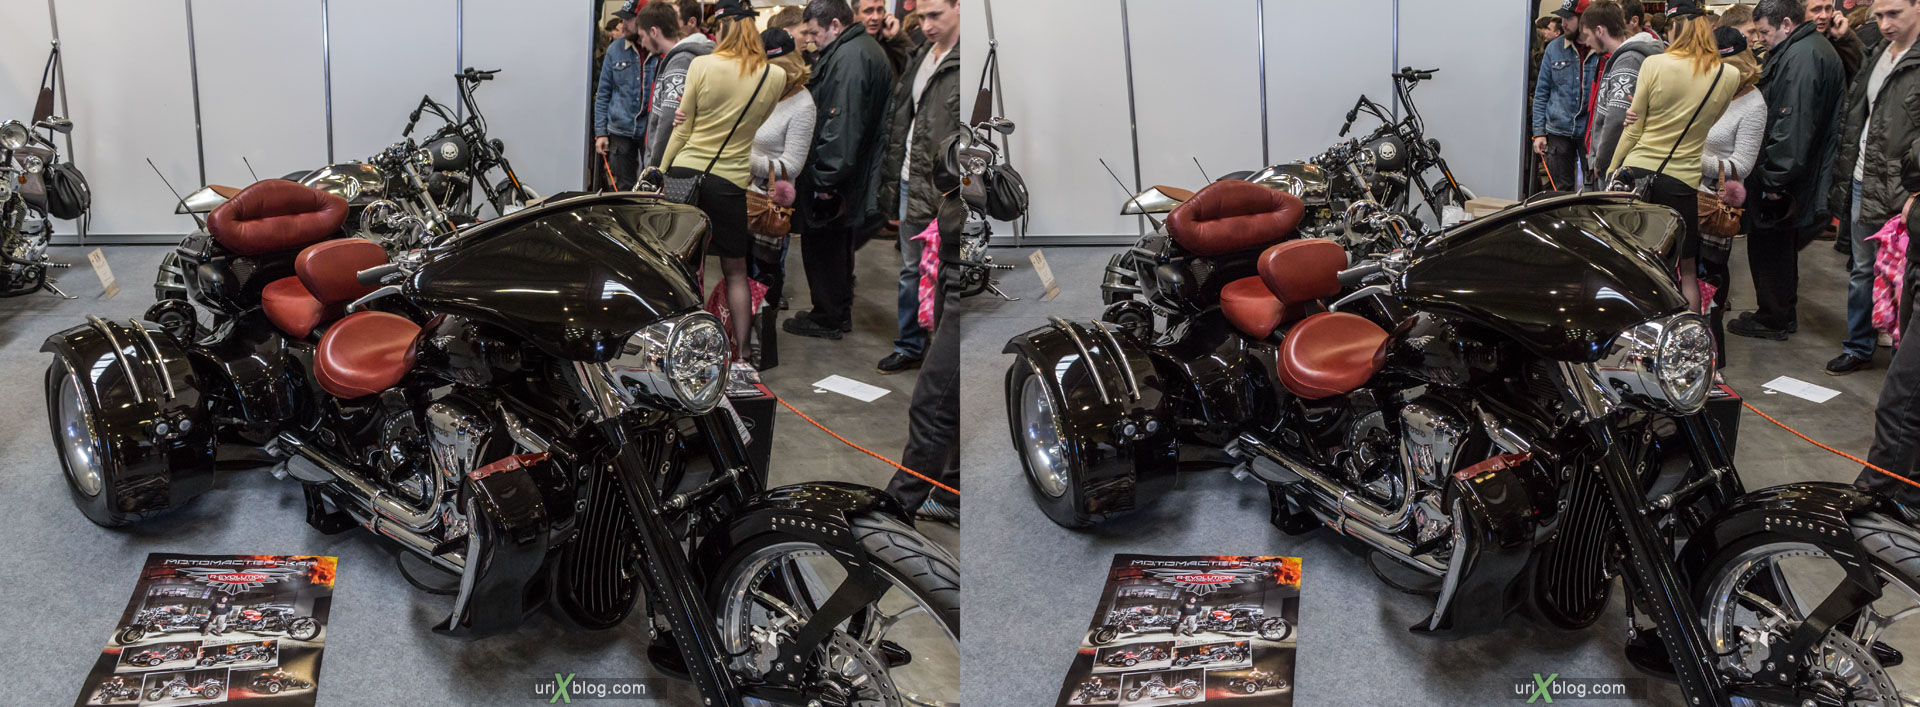 Мото парк, мотоциклы, выставка, Москва, Россия, Крокус Экспо, 3D, перекрёстная стереопара, стерео, стереопара, 2015